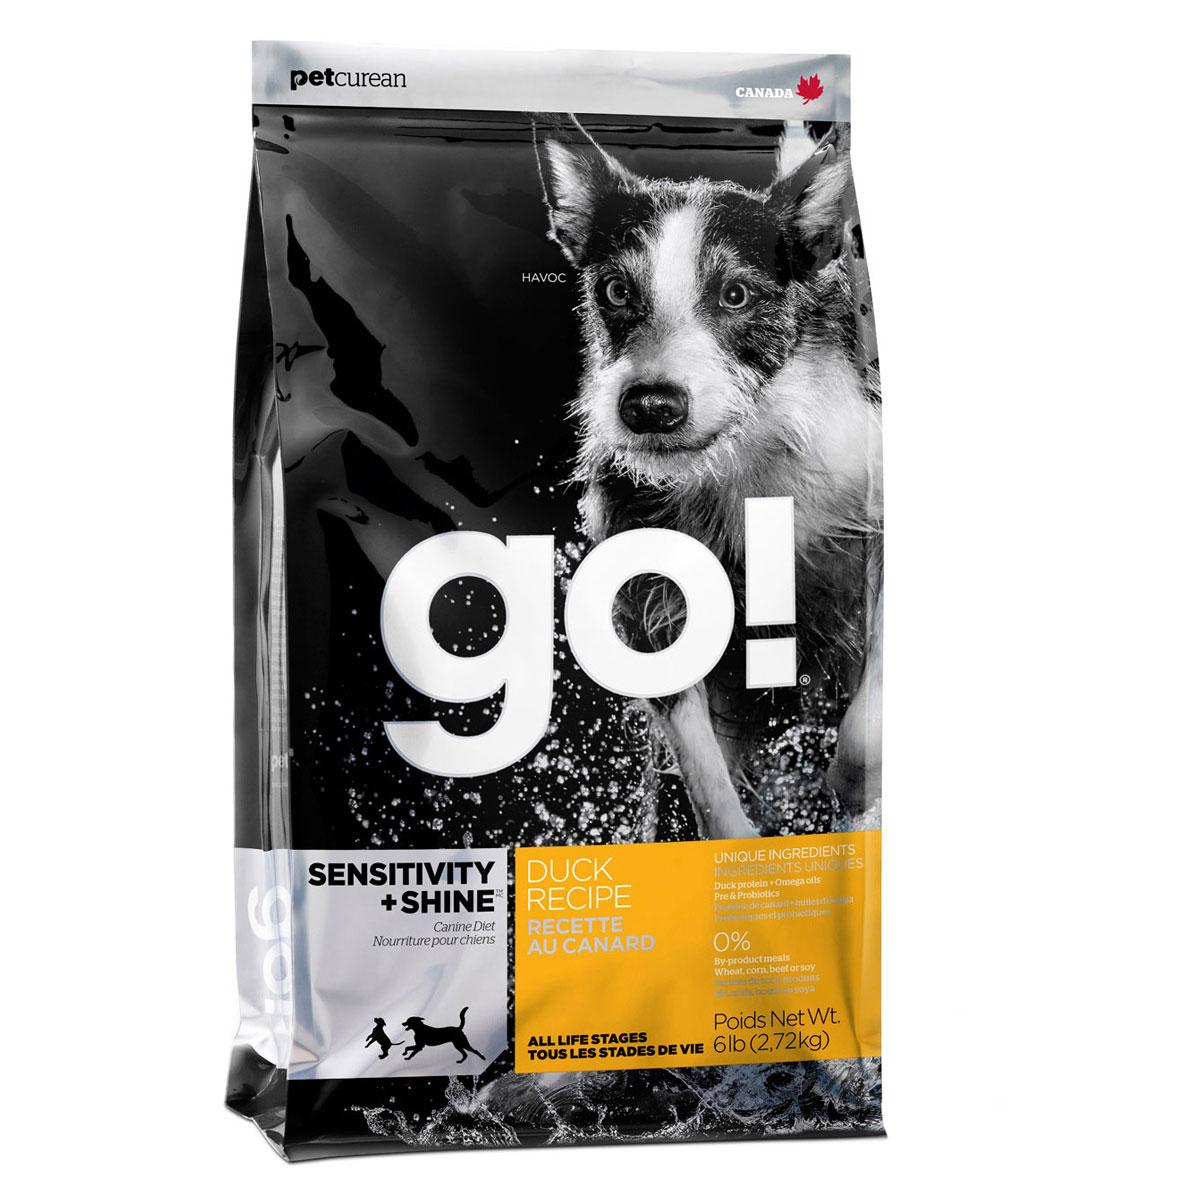 Корм сухой GO! Sensitivity + Shine для щенков и собак, с цельной уткой и овсянкой, 2,72 кг10093Сухой корм GO! - полностью сбалансированный холистик корм из цельной утки и овсянки. Утка - единственный источник белка, что идеально подходит собакам с чувствительным пищеварением, склонным к аллергиям, и собакам с длинной роскошной шерстью. Ключевые преимущества: - не содержит ГМО, гормонов, субпродуктов, красителей, искусственных консервантов, - не содержит говядины, пшеницы, кукурузы, сои, - пробиотики и пребиотики обеспечивают здоровое пищеварение, - омега-масла в составе необходимы для здоровой кожи и шерсти, - антиоксиданты укрепляют иммунную систему, - сложные углеводы - отличный источник энергии. Состав: свежее мясо утки, овсяные хлопья, картофель, цельный овес, филе утки, рапсовое масло (кисточник витамина E), яблоки, натуральный ароматизатор, семена льна, лебеда, зерна камута, карбонат кальция, хлорид калия, хлорид натрия, сушеные водоросли, витамины (витамин А, витамин D3, витамин Е, инозитол, ниацин, L-аскорбил-2-полифосфатов (источник витамина С), D-пантотенат кальция, мононитрат тиамина, бета-каротин, рибофлавин, пиридоксин гидрохлорид, фолиевая кислота , биотин, витамин В12), минералы (цинк метионин комплекс, протеинат цинка, протеинат железа, протеинат меди, оксид цинка, протеинат марганца, сульфат меди, сульфат железа, йодат кальция, оксид марганца, селена, дрожжи), корень цикория, L-лизин, Lactobacillus, Enterococcusfaecium, Aspergillus, экстракт Юкка Шидигера, сушеный розмарин.Гарантированный анализ: белки - 22%, жиры - 12%, клетчатка - 3,5%, влажность - 10%, кальций - 0,9%, фосфор - 0,65%, жирные кислоты Омега 6 - 1,8%, жирные кислоты Омега 3 - 0,36%, лактобактерии (Lactobacillus acidophilus, Enterococcus faecium) - 90000000 cfu/lb. Калорийность: 3649 ккал/кг. Вес: 2,72 кг. Товар сертифицирован.